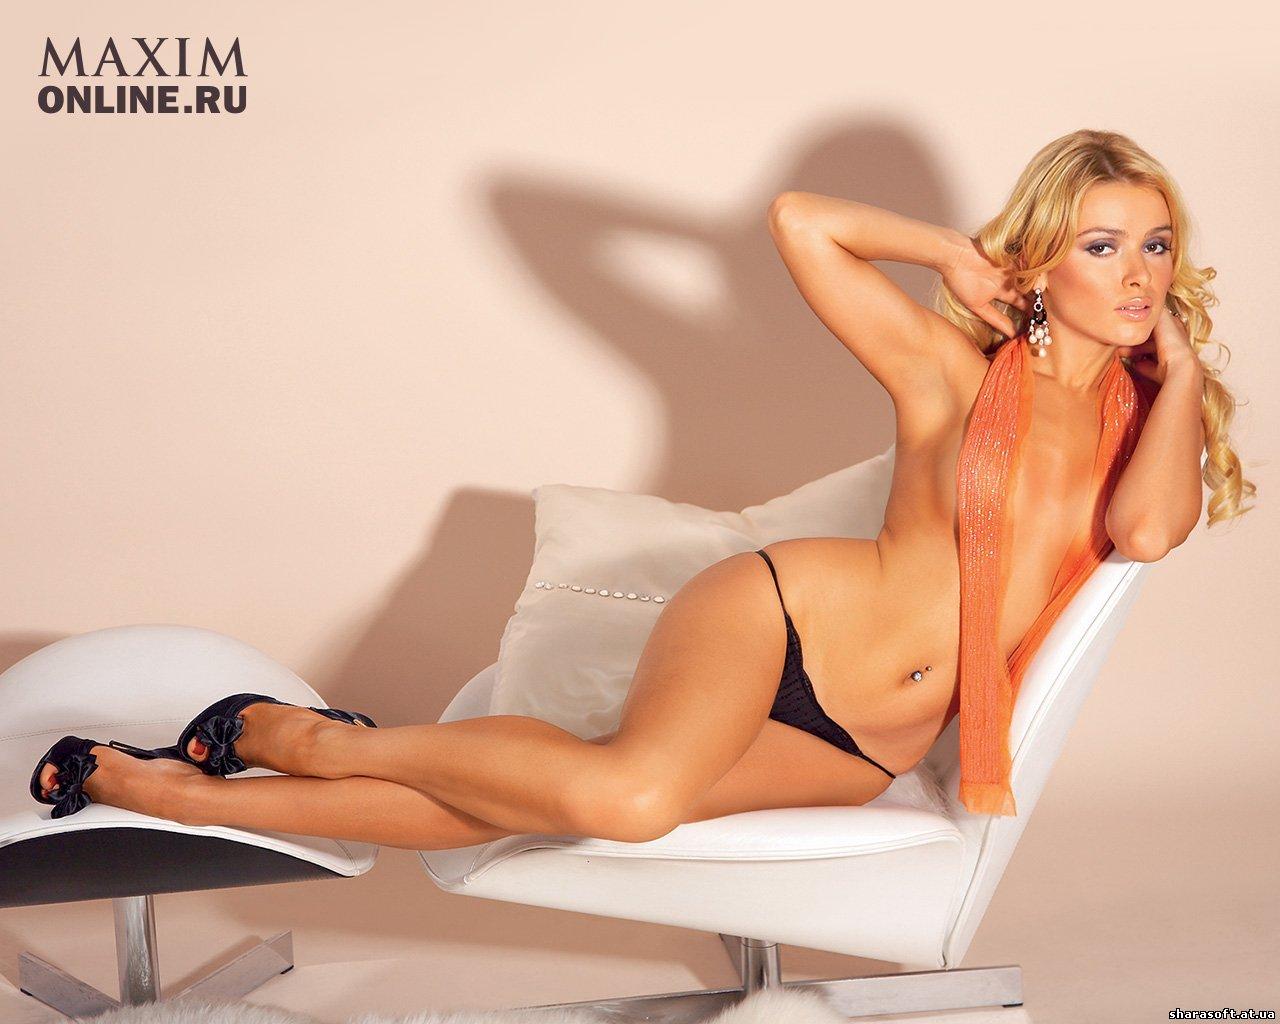 446Видео голые телеведущие и актрисы порно